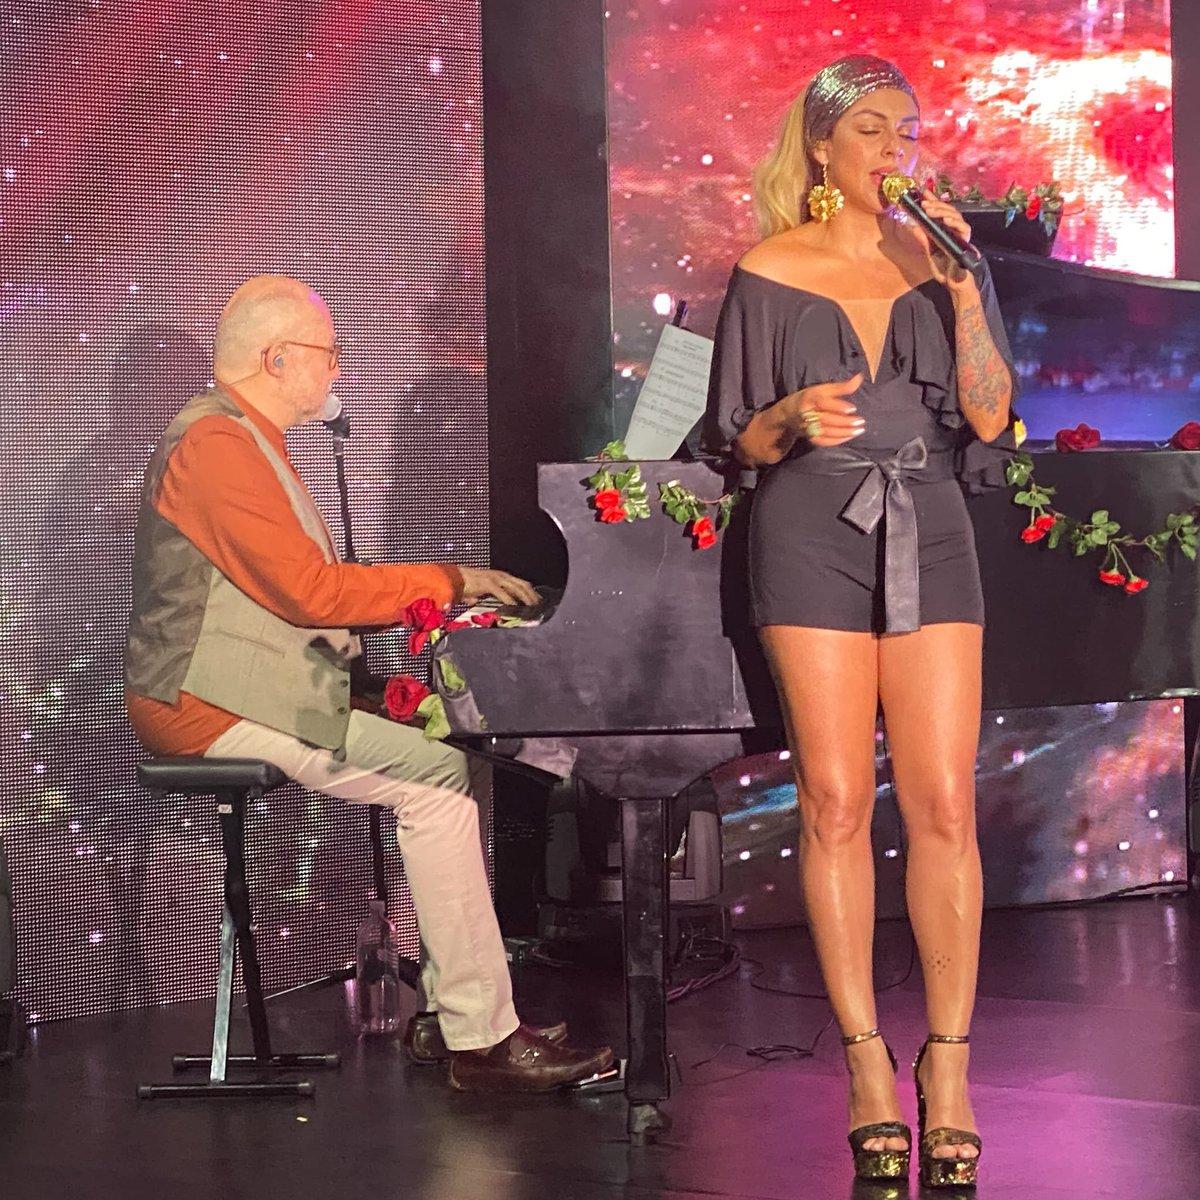 """La música, mi mejor psicólogo, una canción, mi mejor terapia. ⠀ ⠀ """"Cuando te quedes sin palabras... Canta"""" Anónimo⠀ ⠀ #Maía #salsa #laniñabonitadelasalsa #concierto #colombia #musica https://t.co/48EEO6HOBt"""